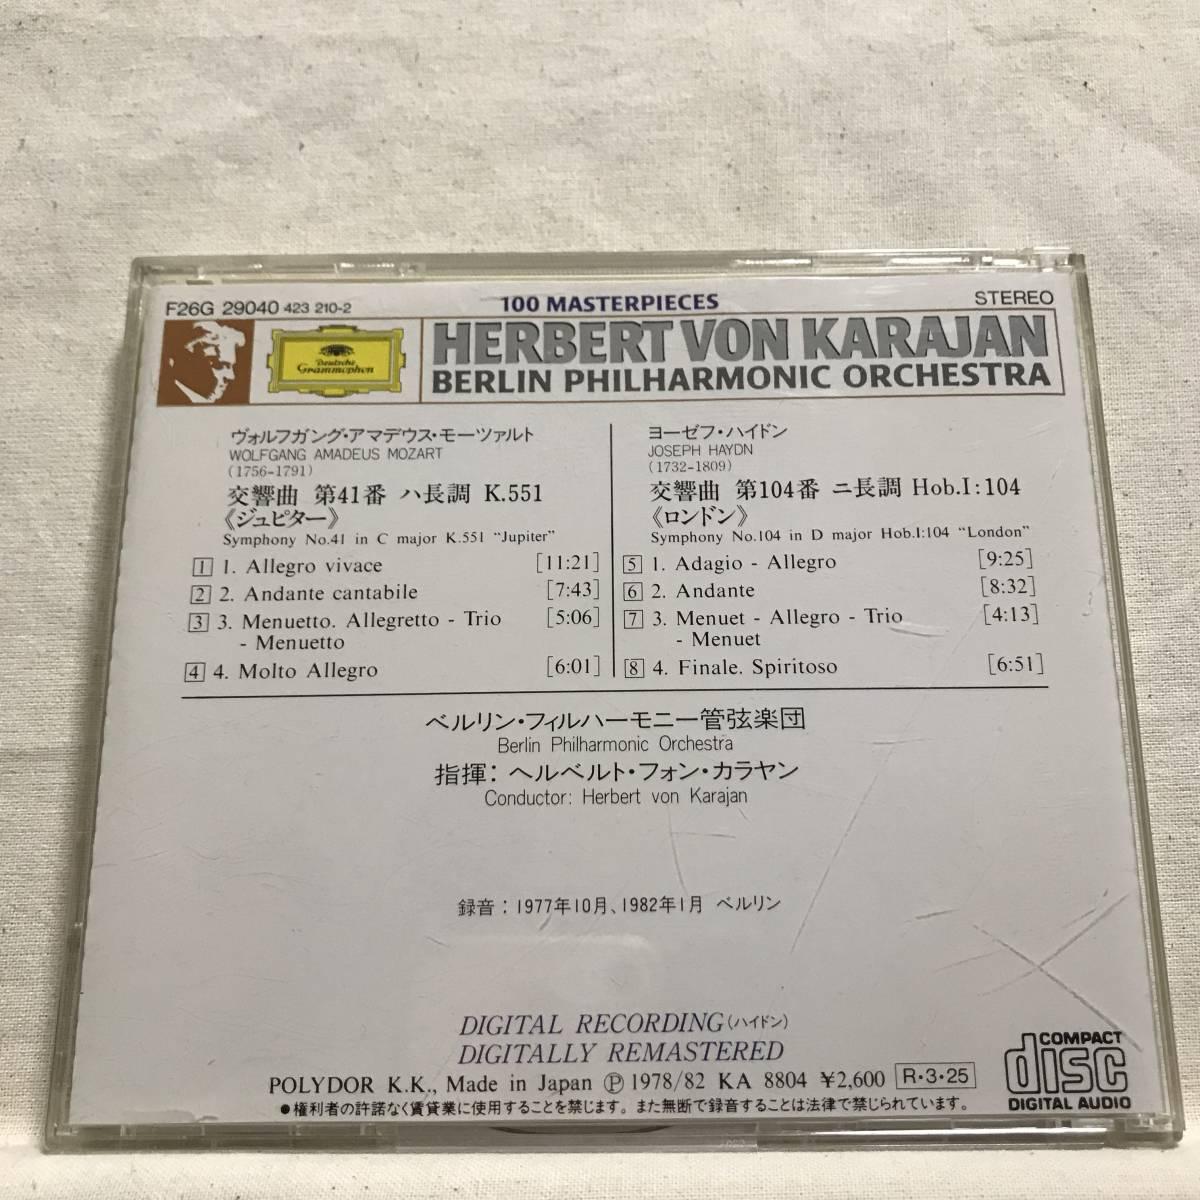 カラヤン / モーツァルト:交響曲 第41番《ジュピター》&ハイドン:交響曲 第104番《ロンドン》●DG 国内 _画像2